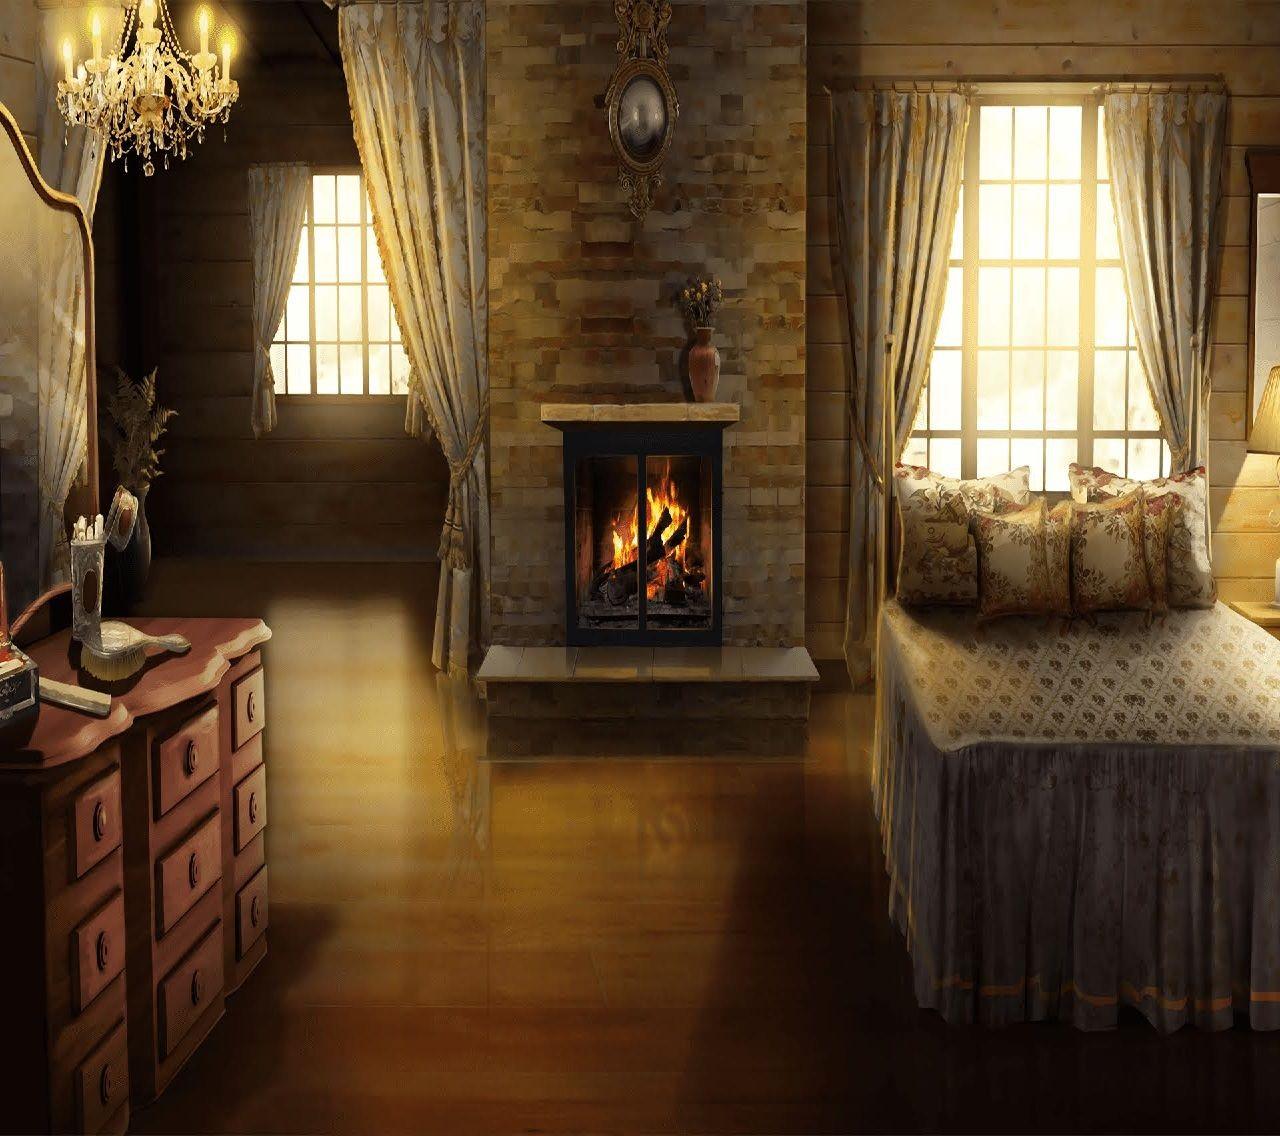 Int Cozy Bedroom Night Med Episodeinteractive Episode